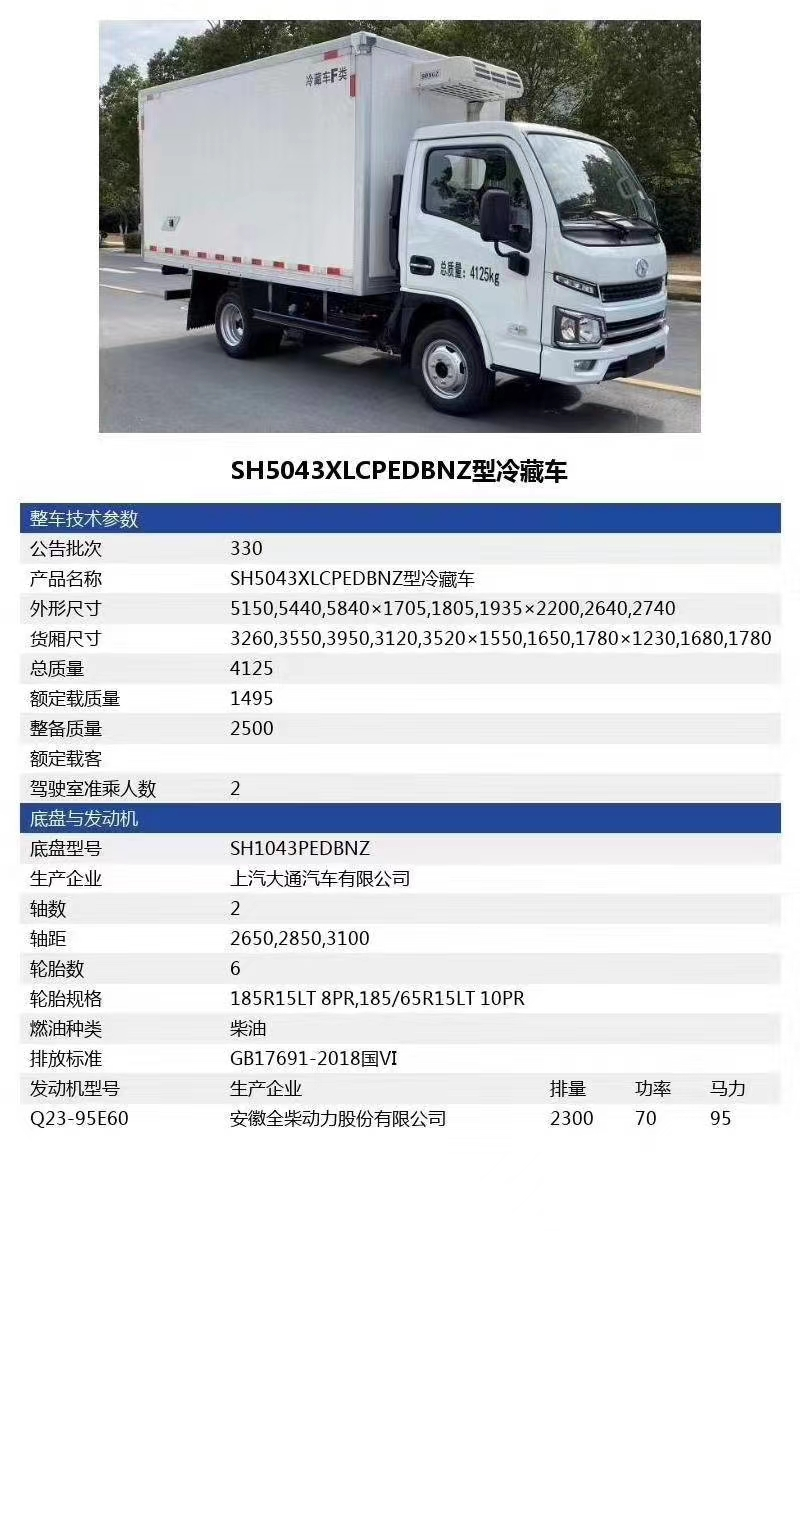 上汽跃进福运S80国六柴油版冷藏车图片